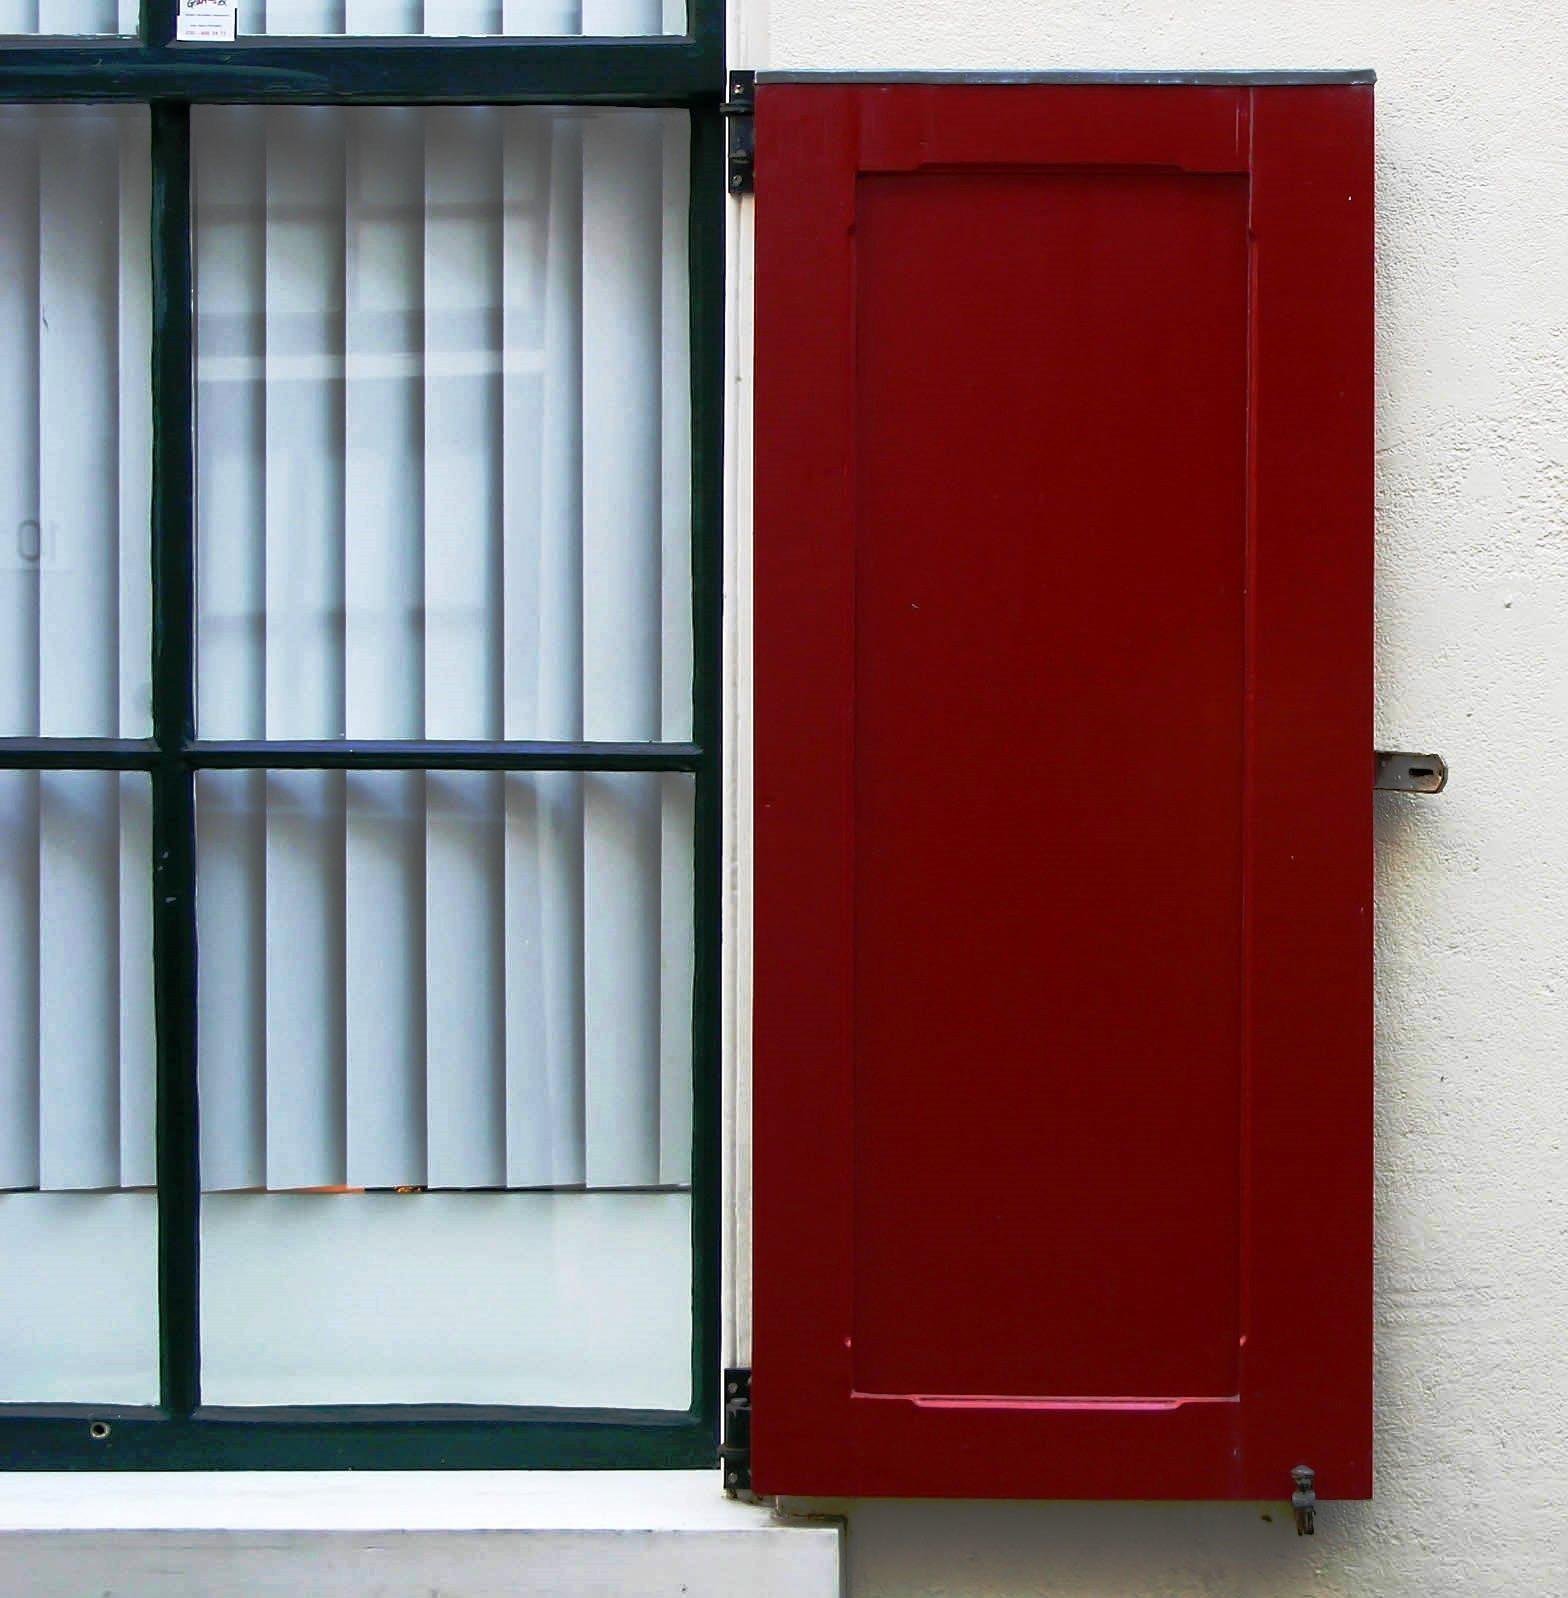 A remodelação de fachada é janelas permite melhorar não só o aspecto estético da sua fachada como também melhora a eficiência energética do imóvel.